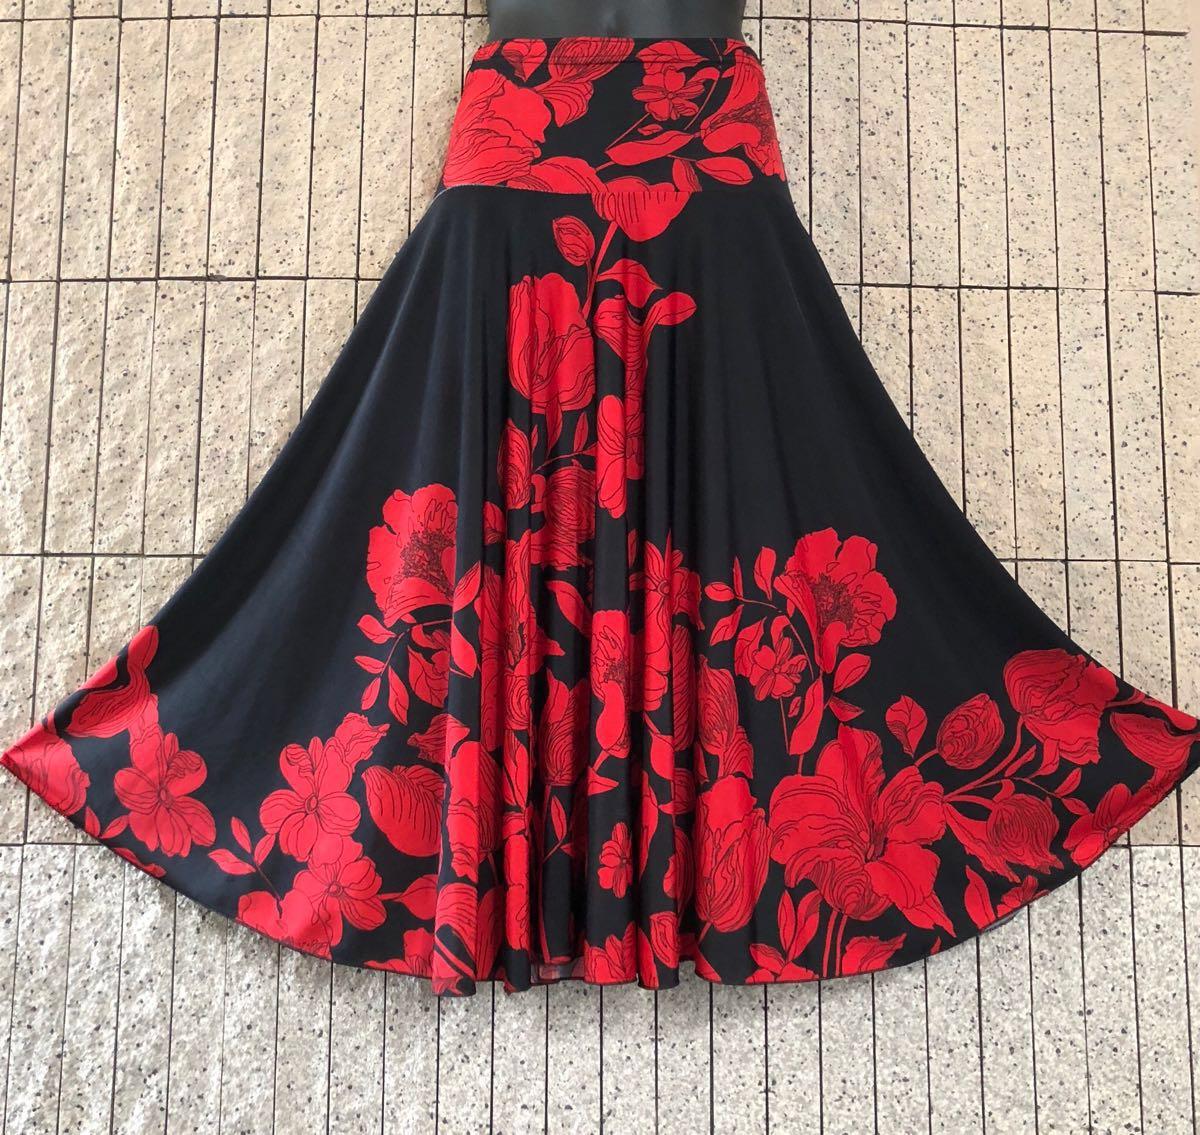 社交ダンス 花柄 赤 黒スカート パーティー ドレス ロングスカート モダン お洒落 スタンダード フレア